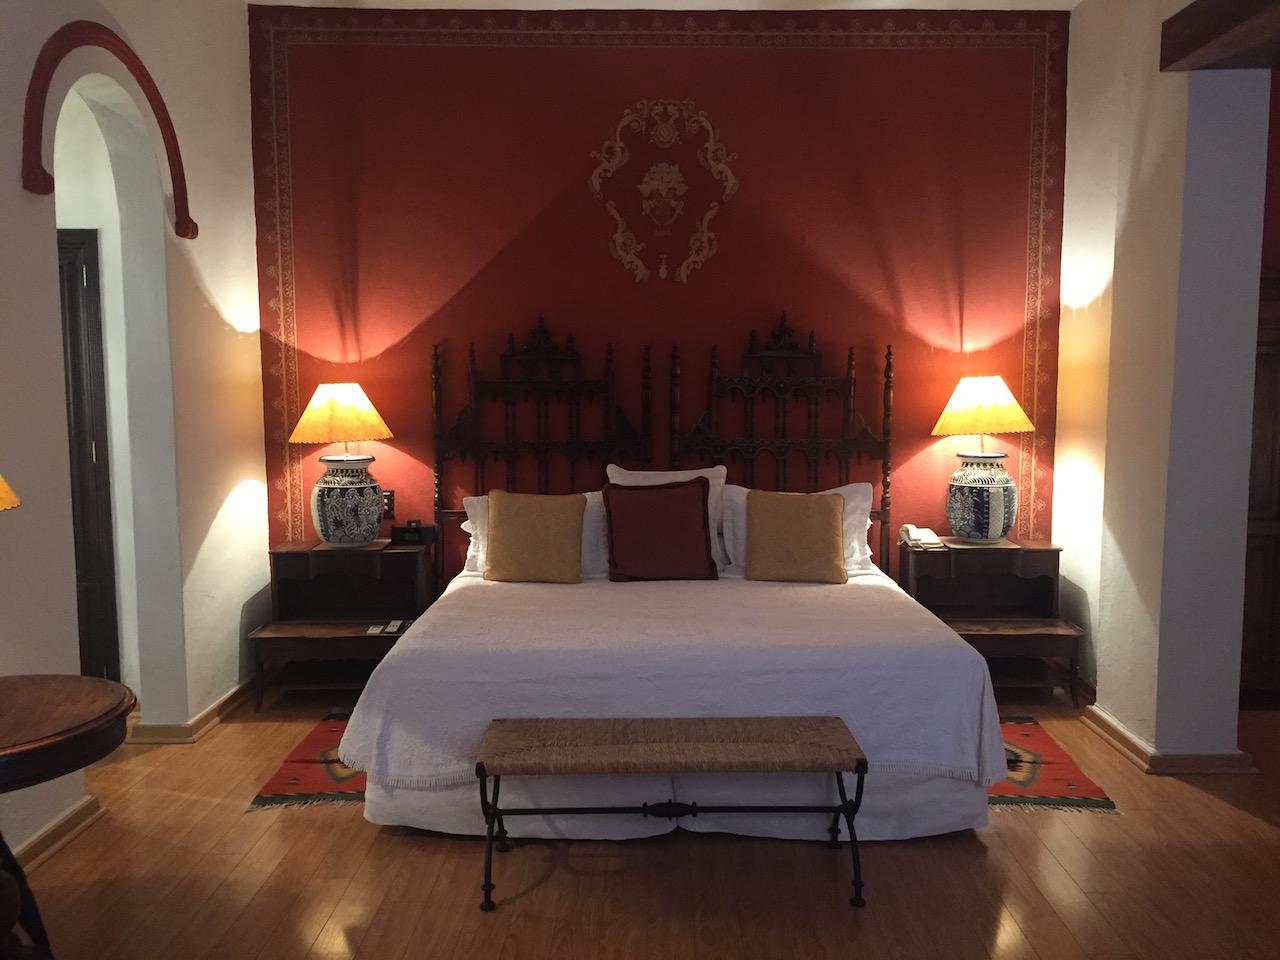 Hotel Belmond Casa de Sierra Nevada